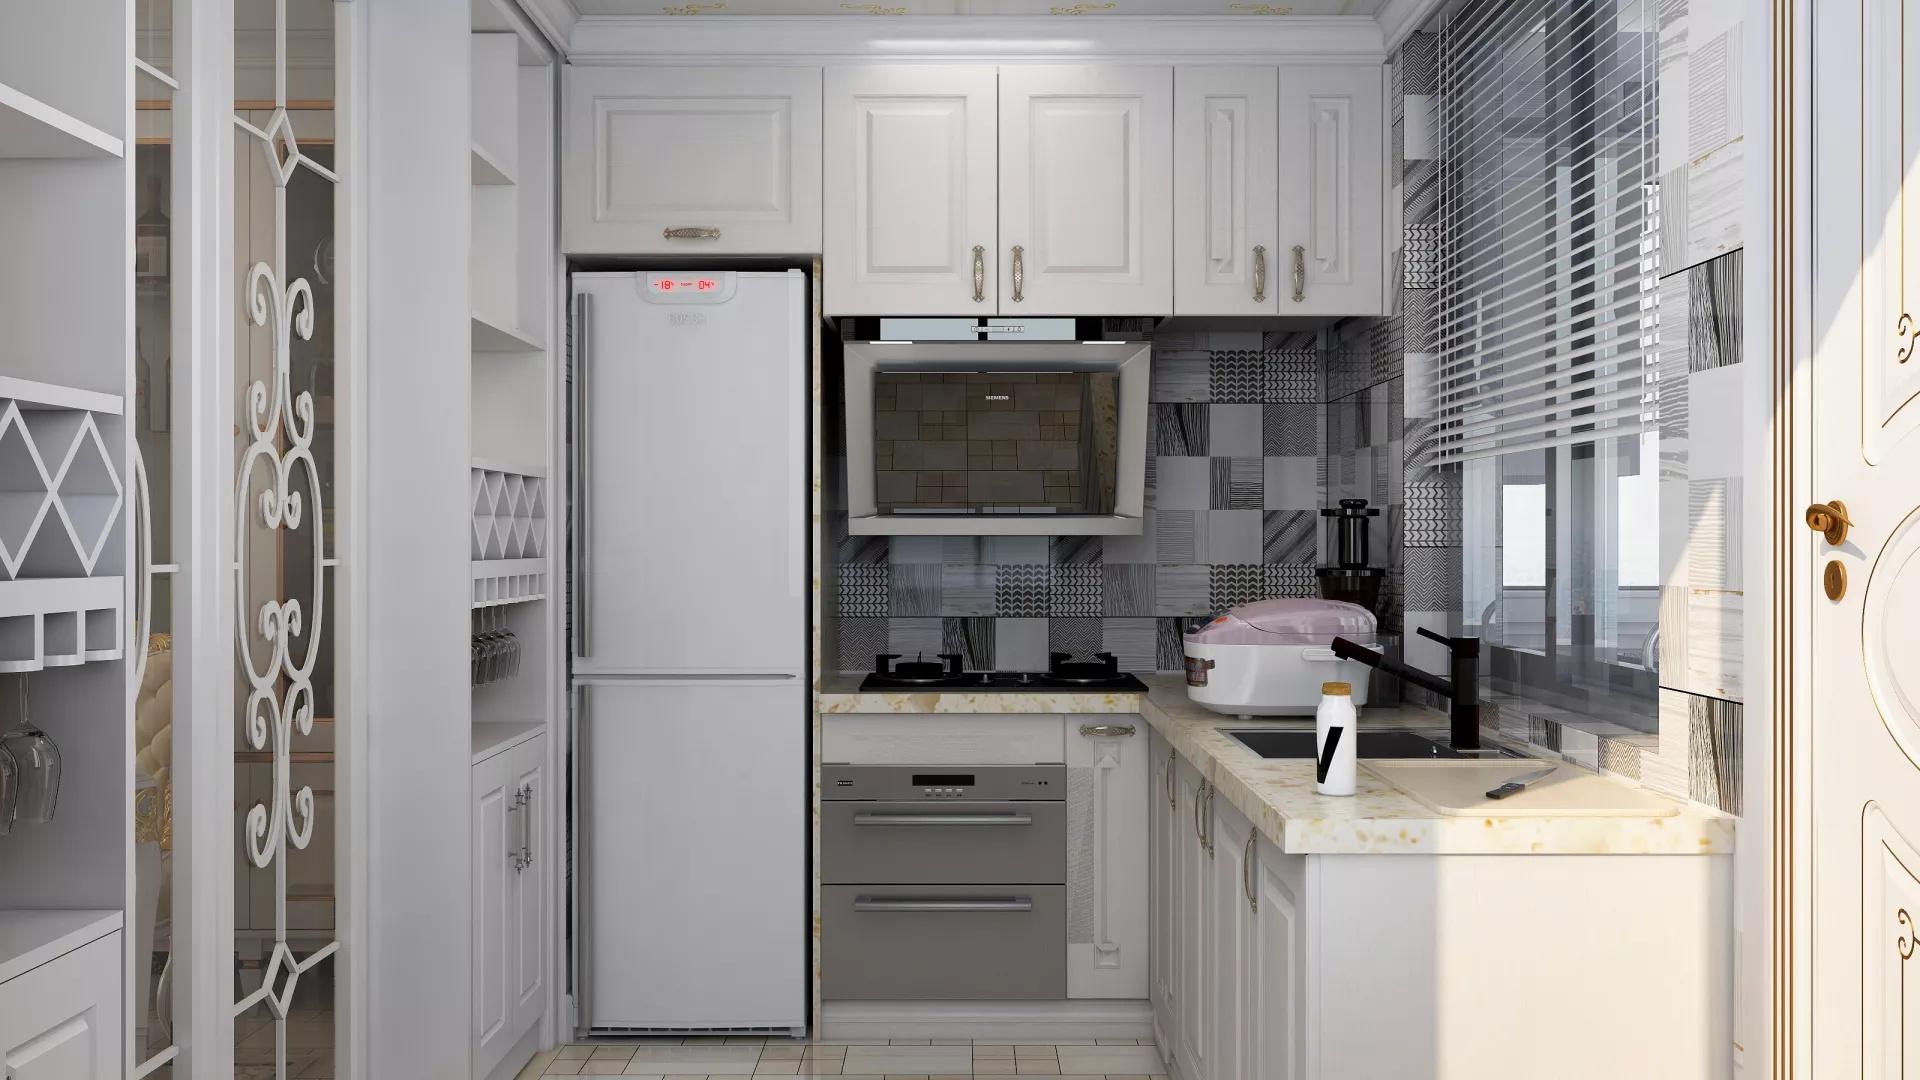 窗式空调机是什么 窗式空调怎么样